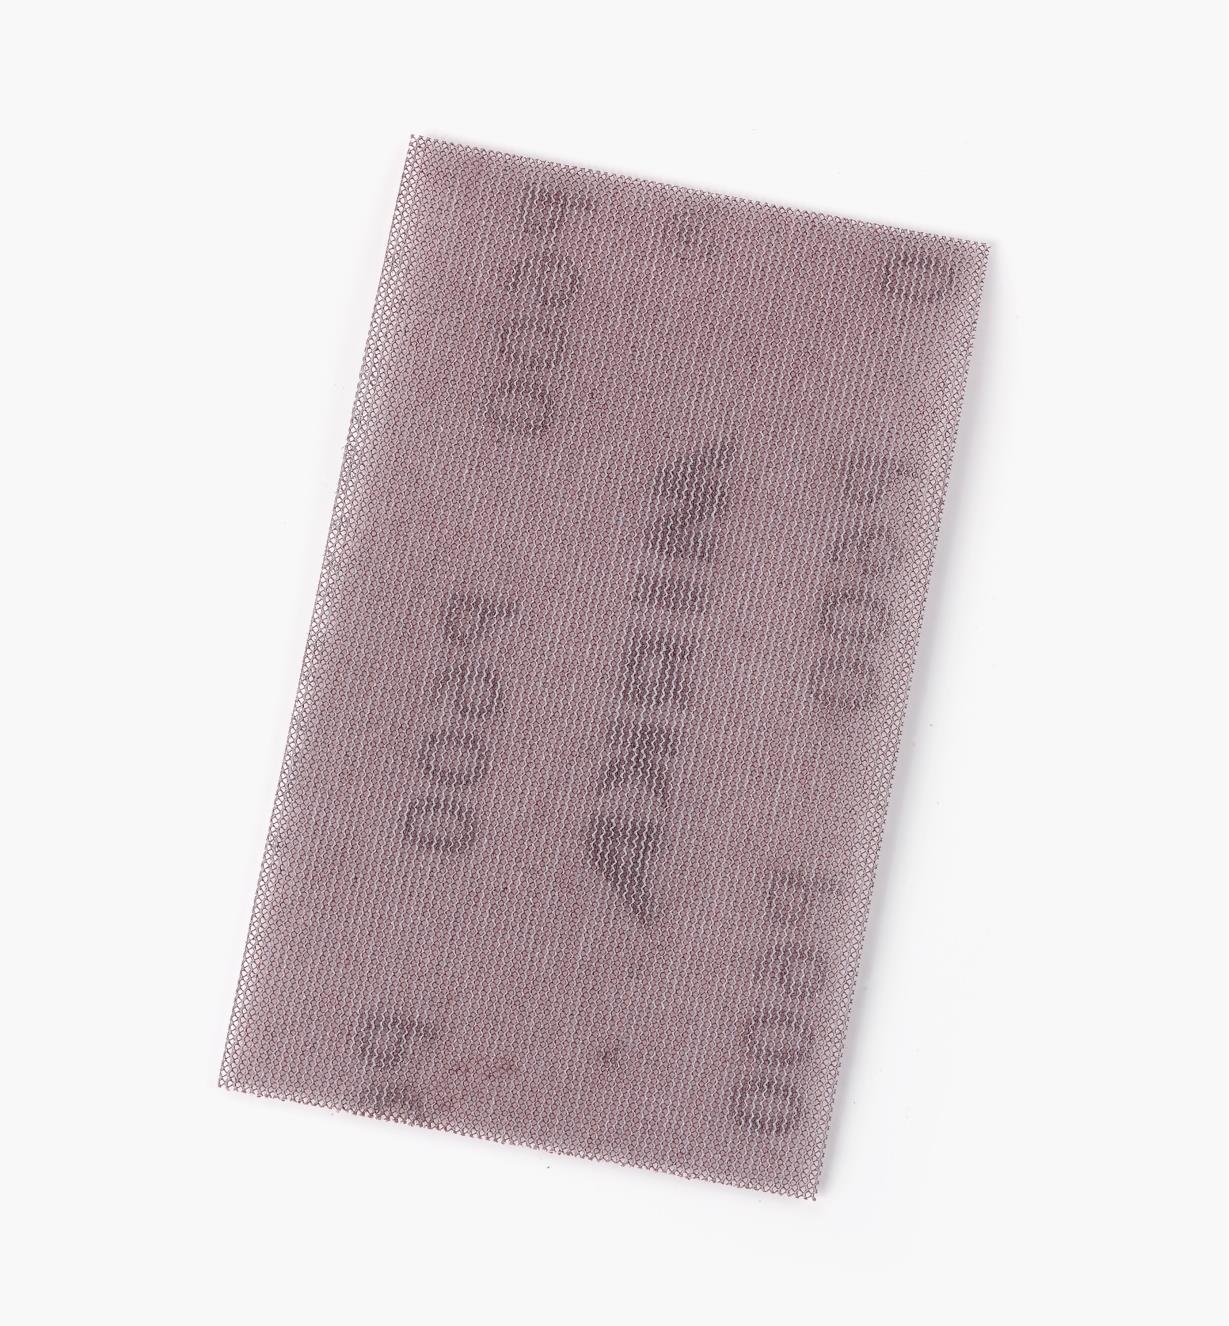 55K9307 - 600x Abranet Sheet, each